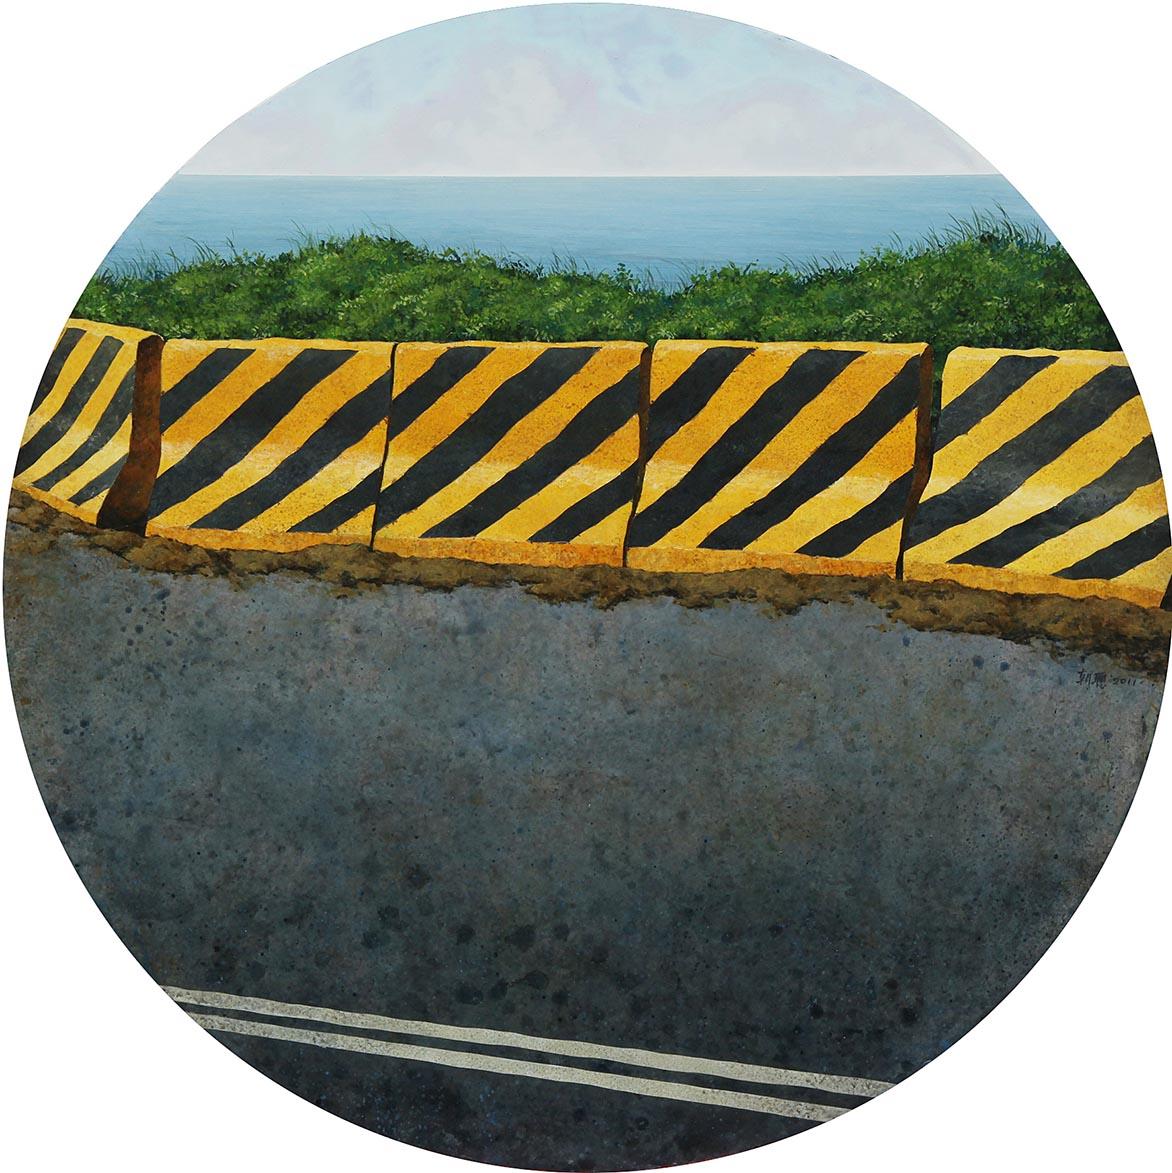 胡朝聪 边缘.轮廓21 2011 压克力、画布板  60.5x60.5cm